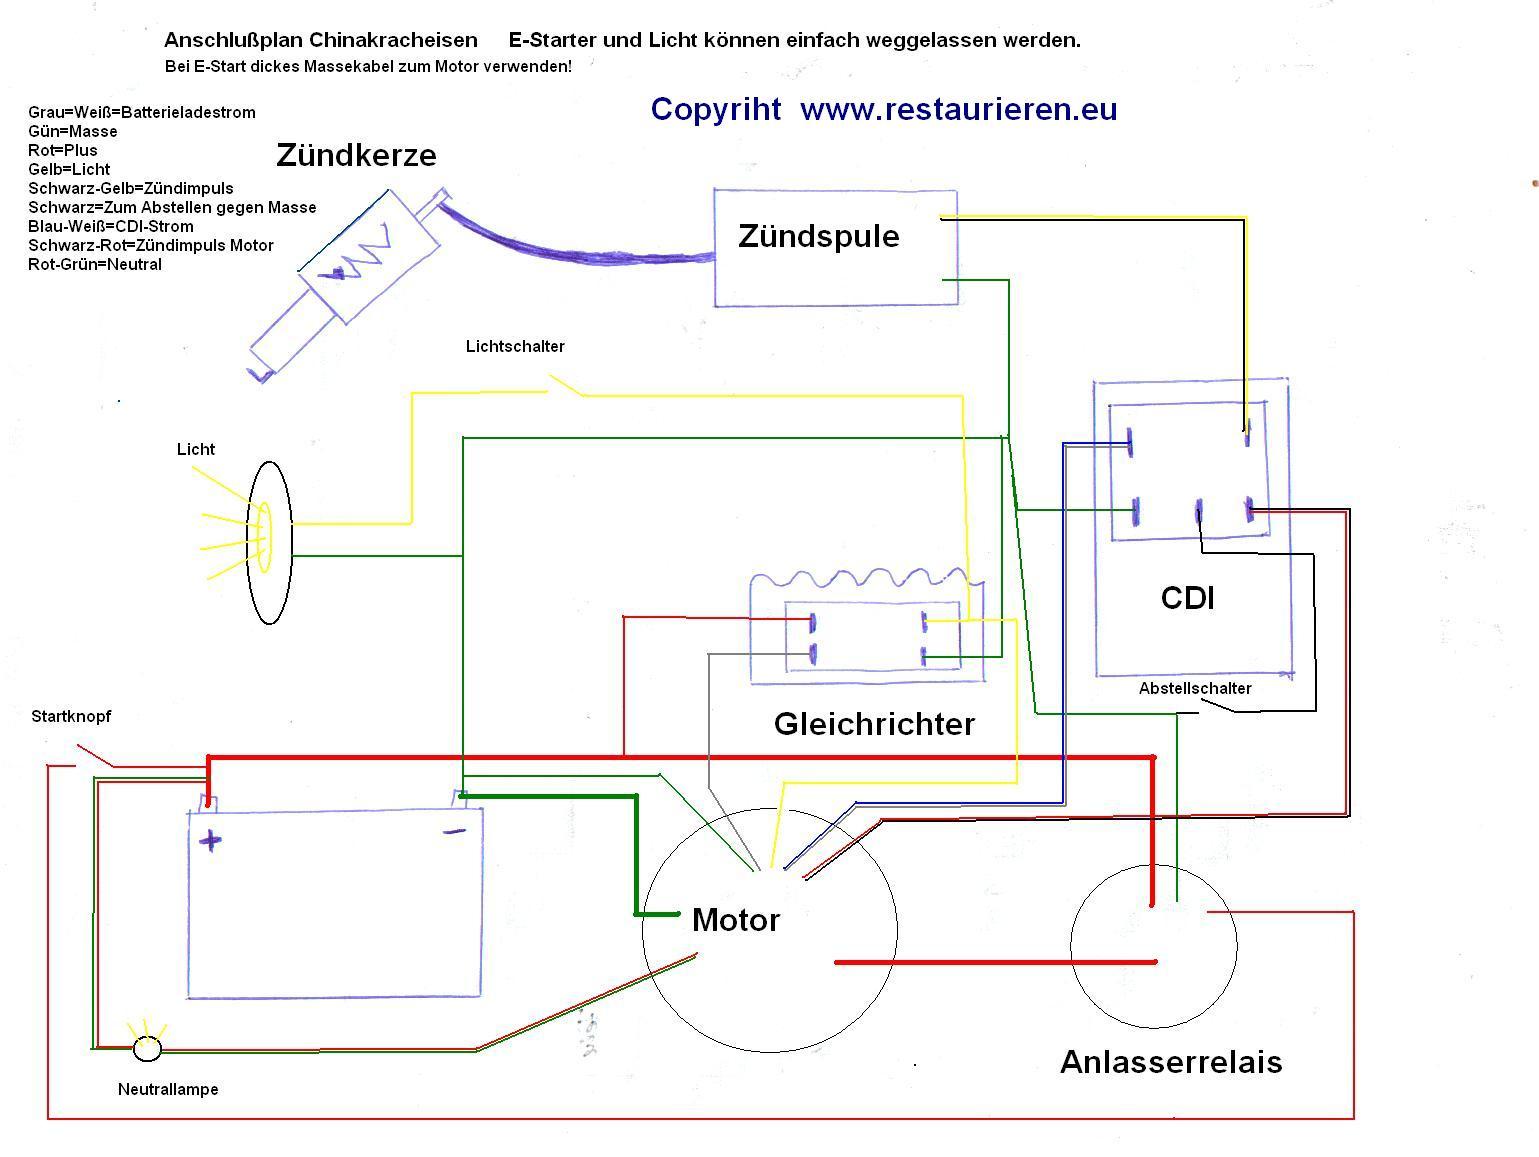 Lifan 7000 Wiring Diagram - Free Download Wiring Diagram